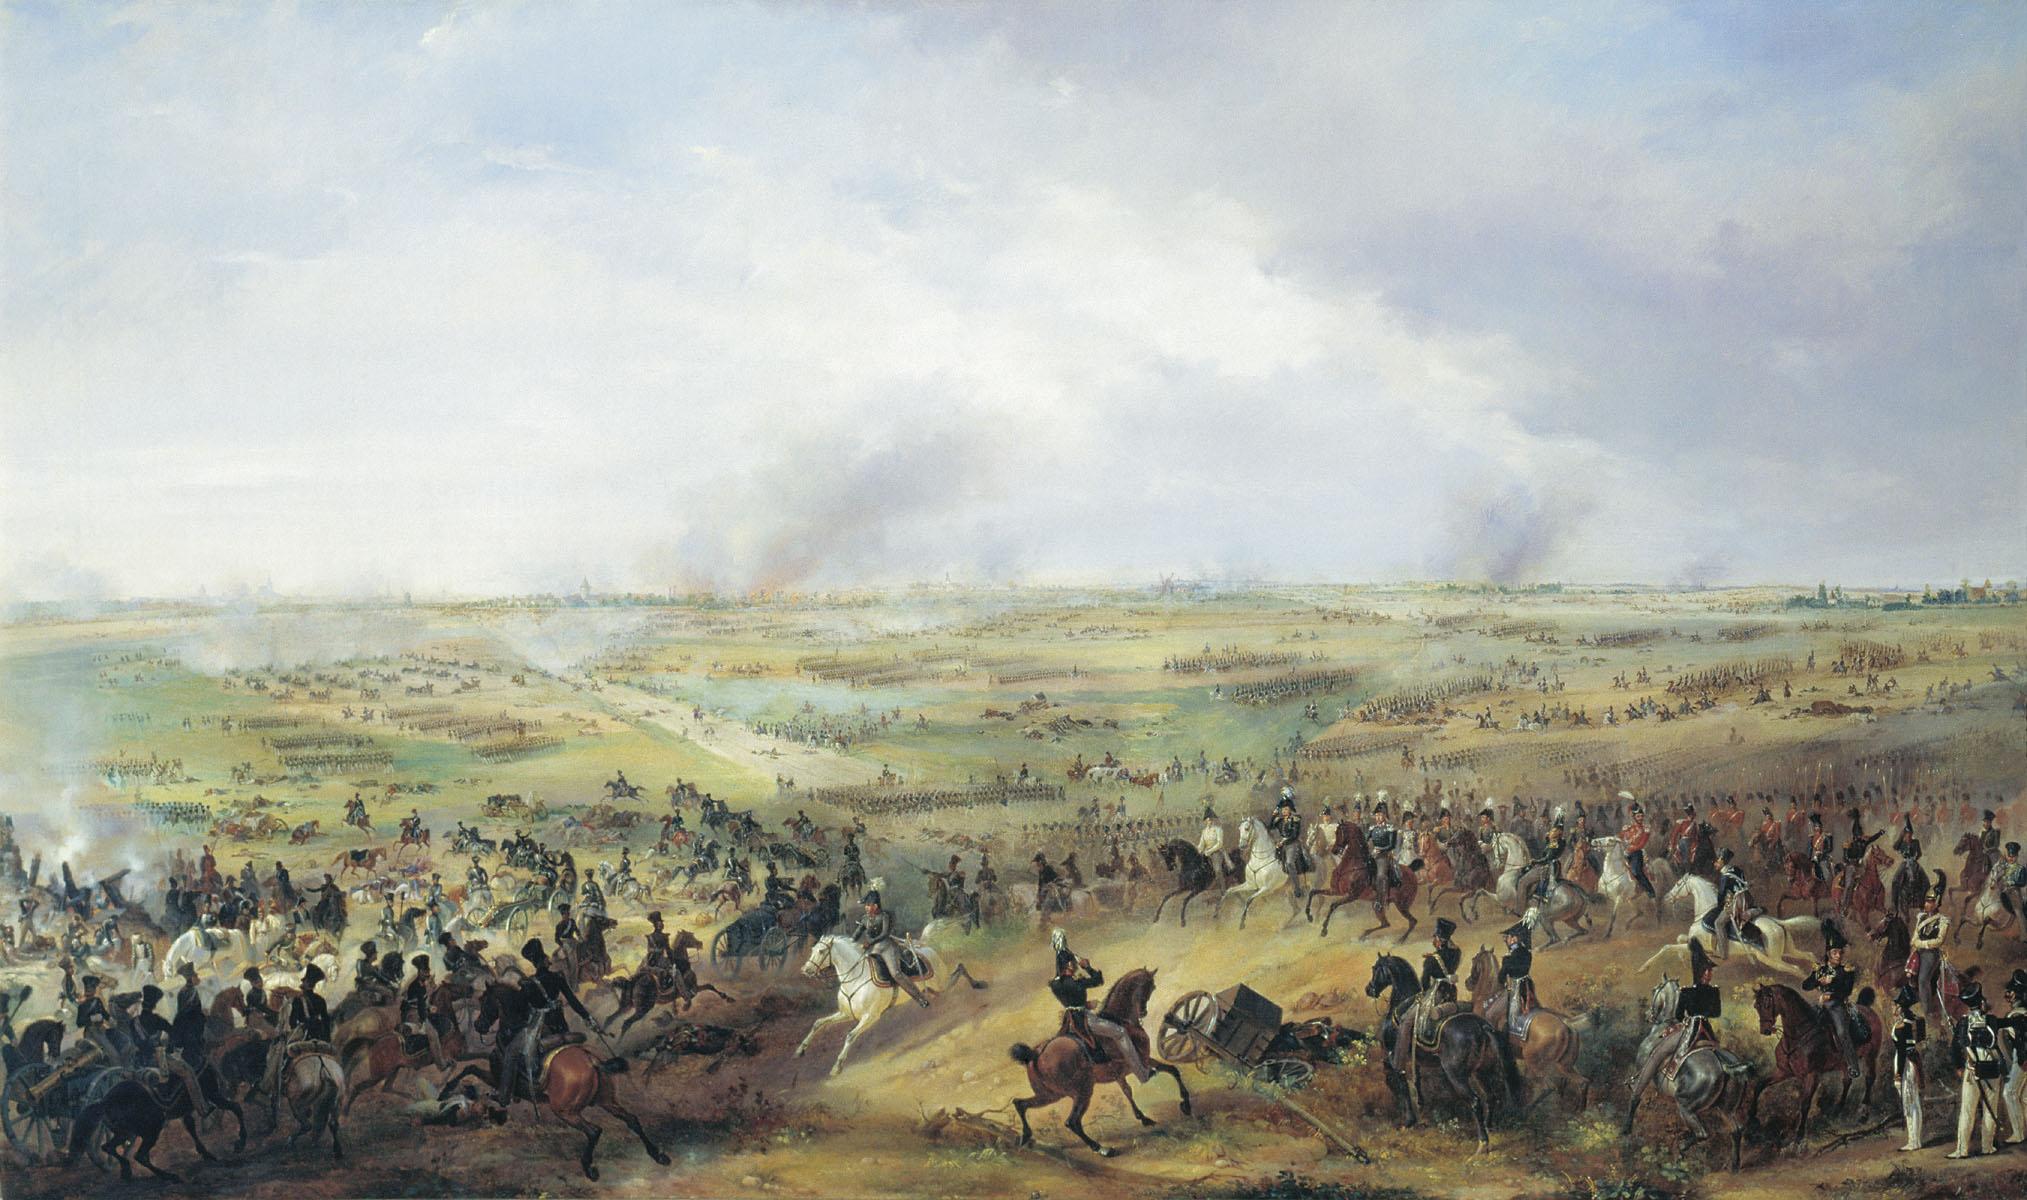 Поражение Наполеона в «Битве народов»